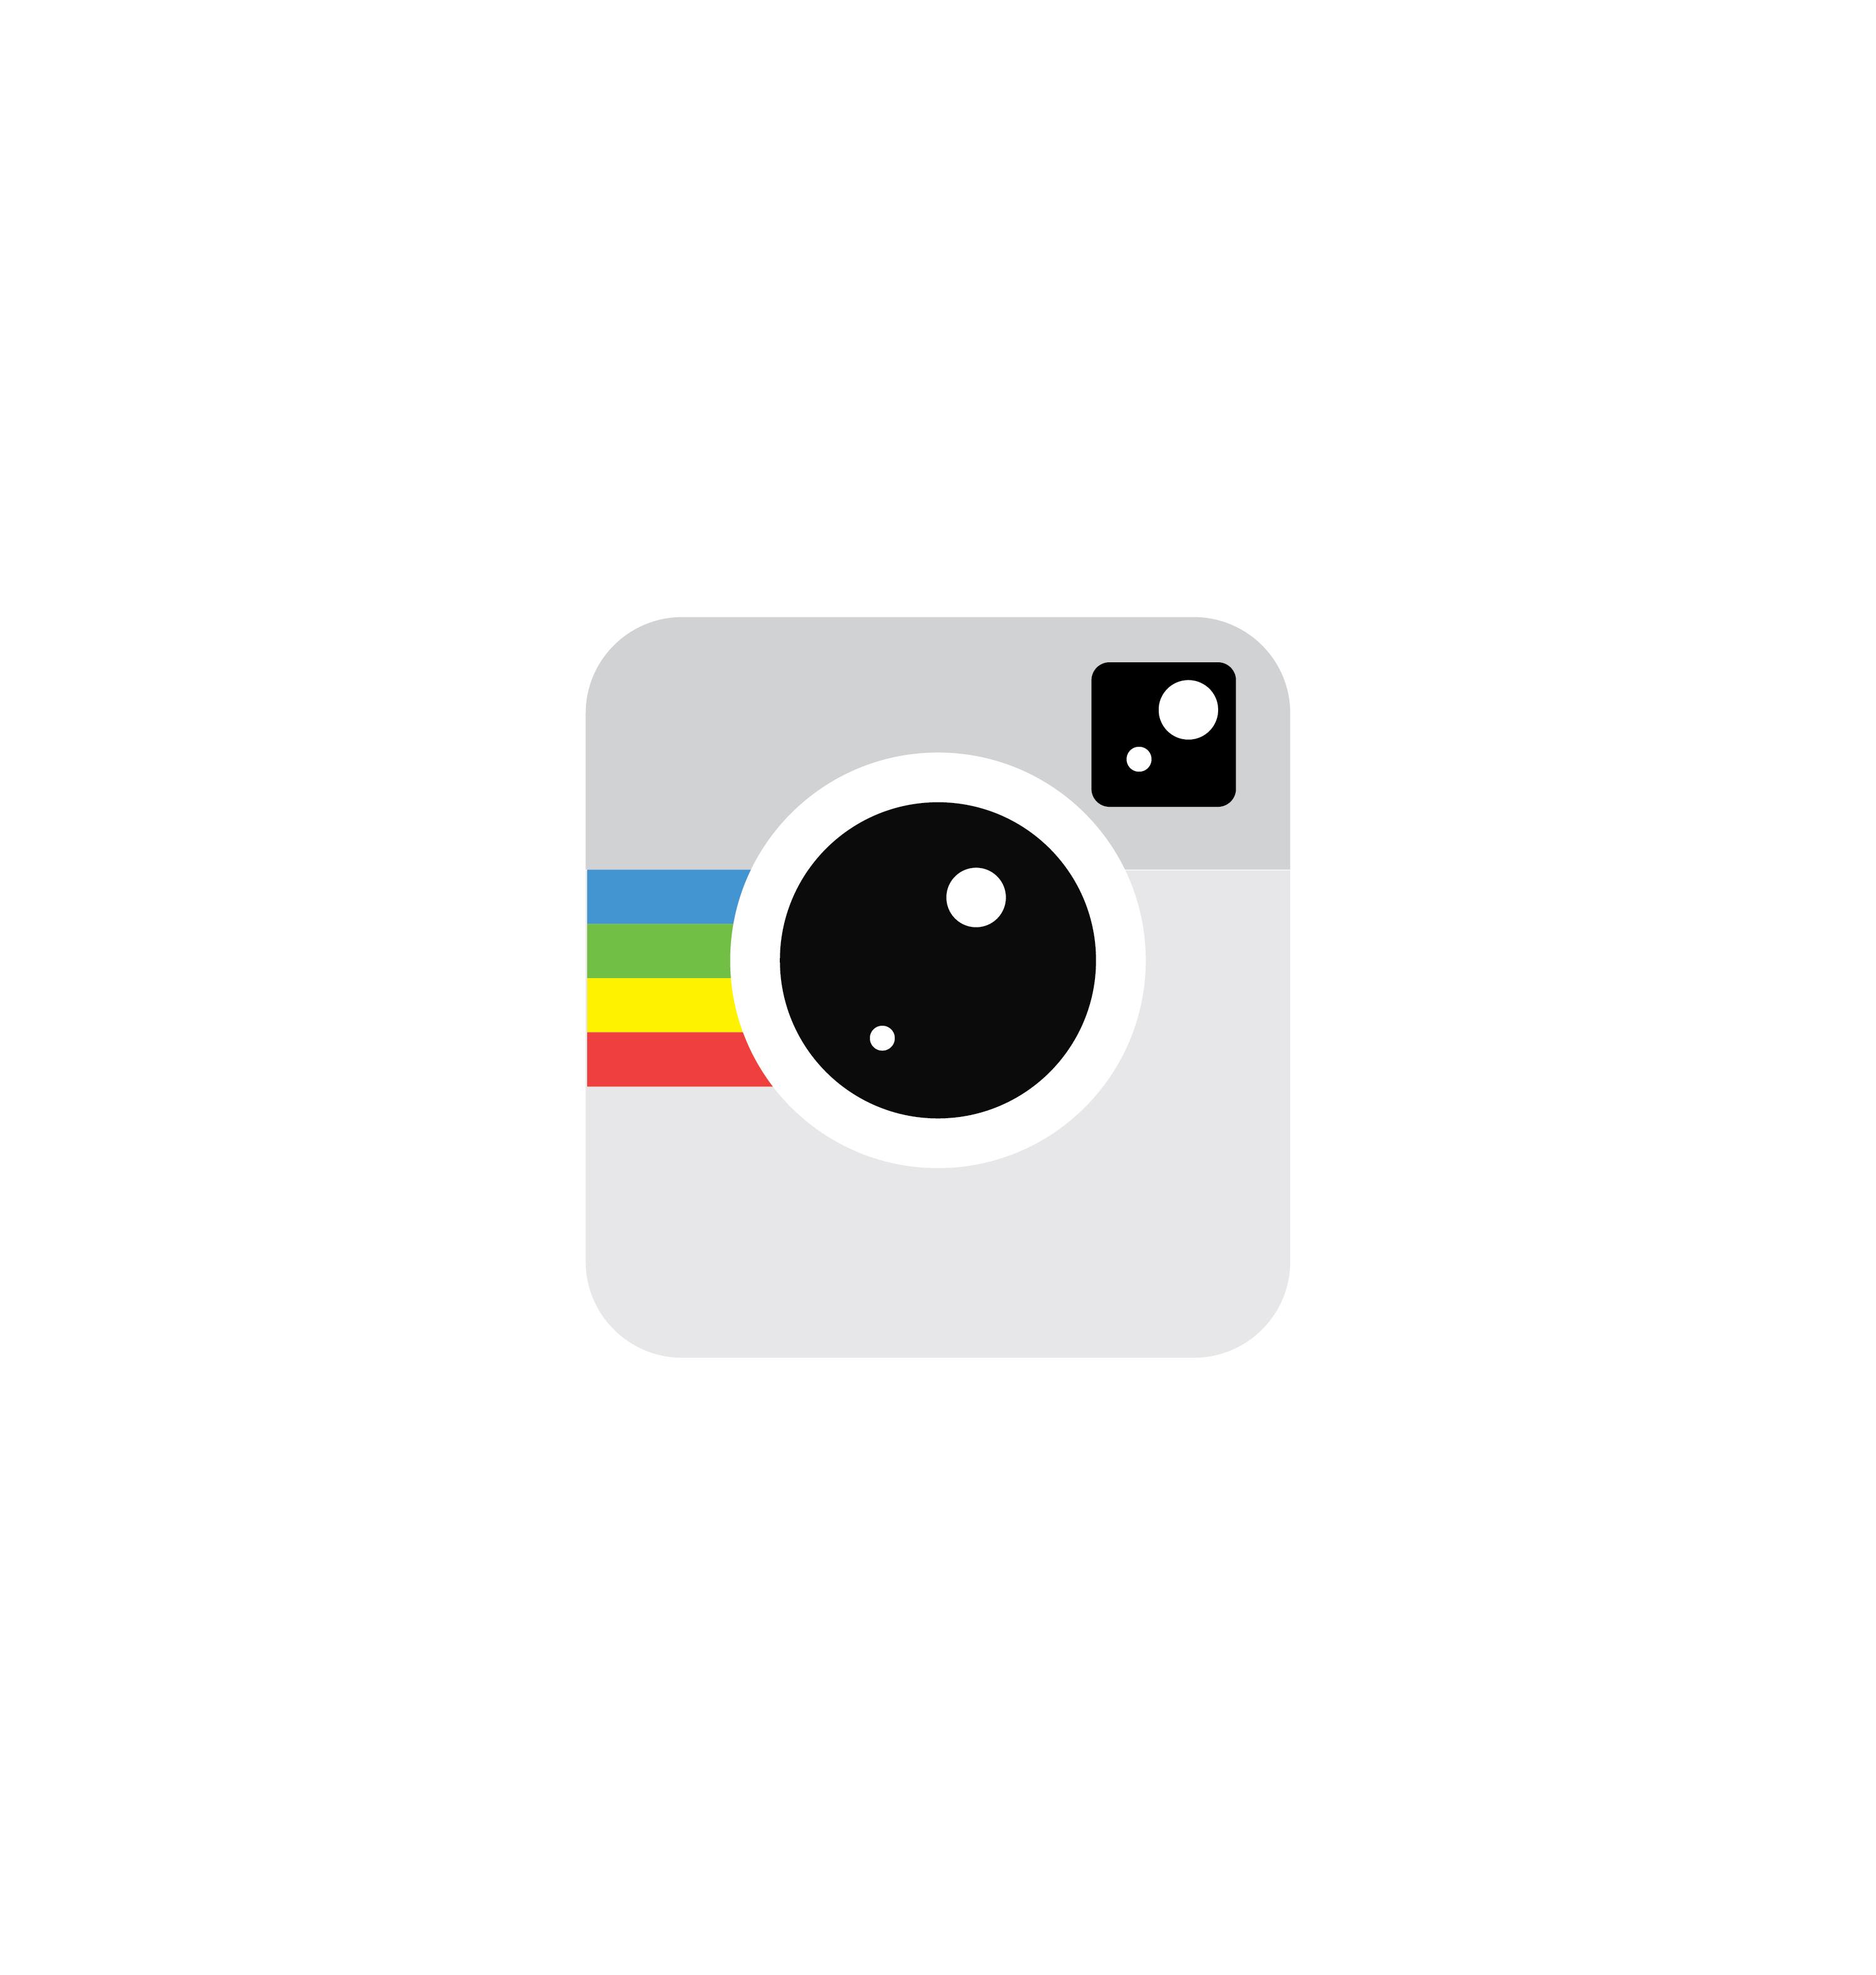 Camera icon vector 3